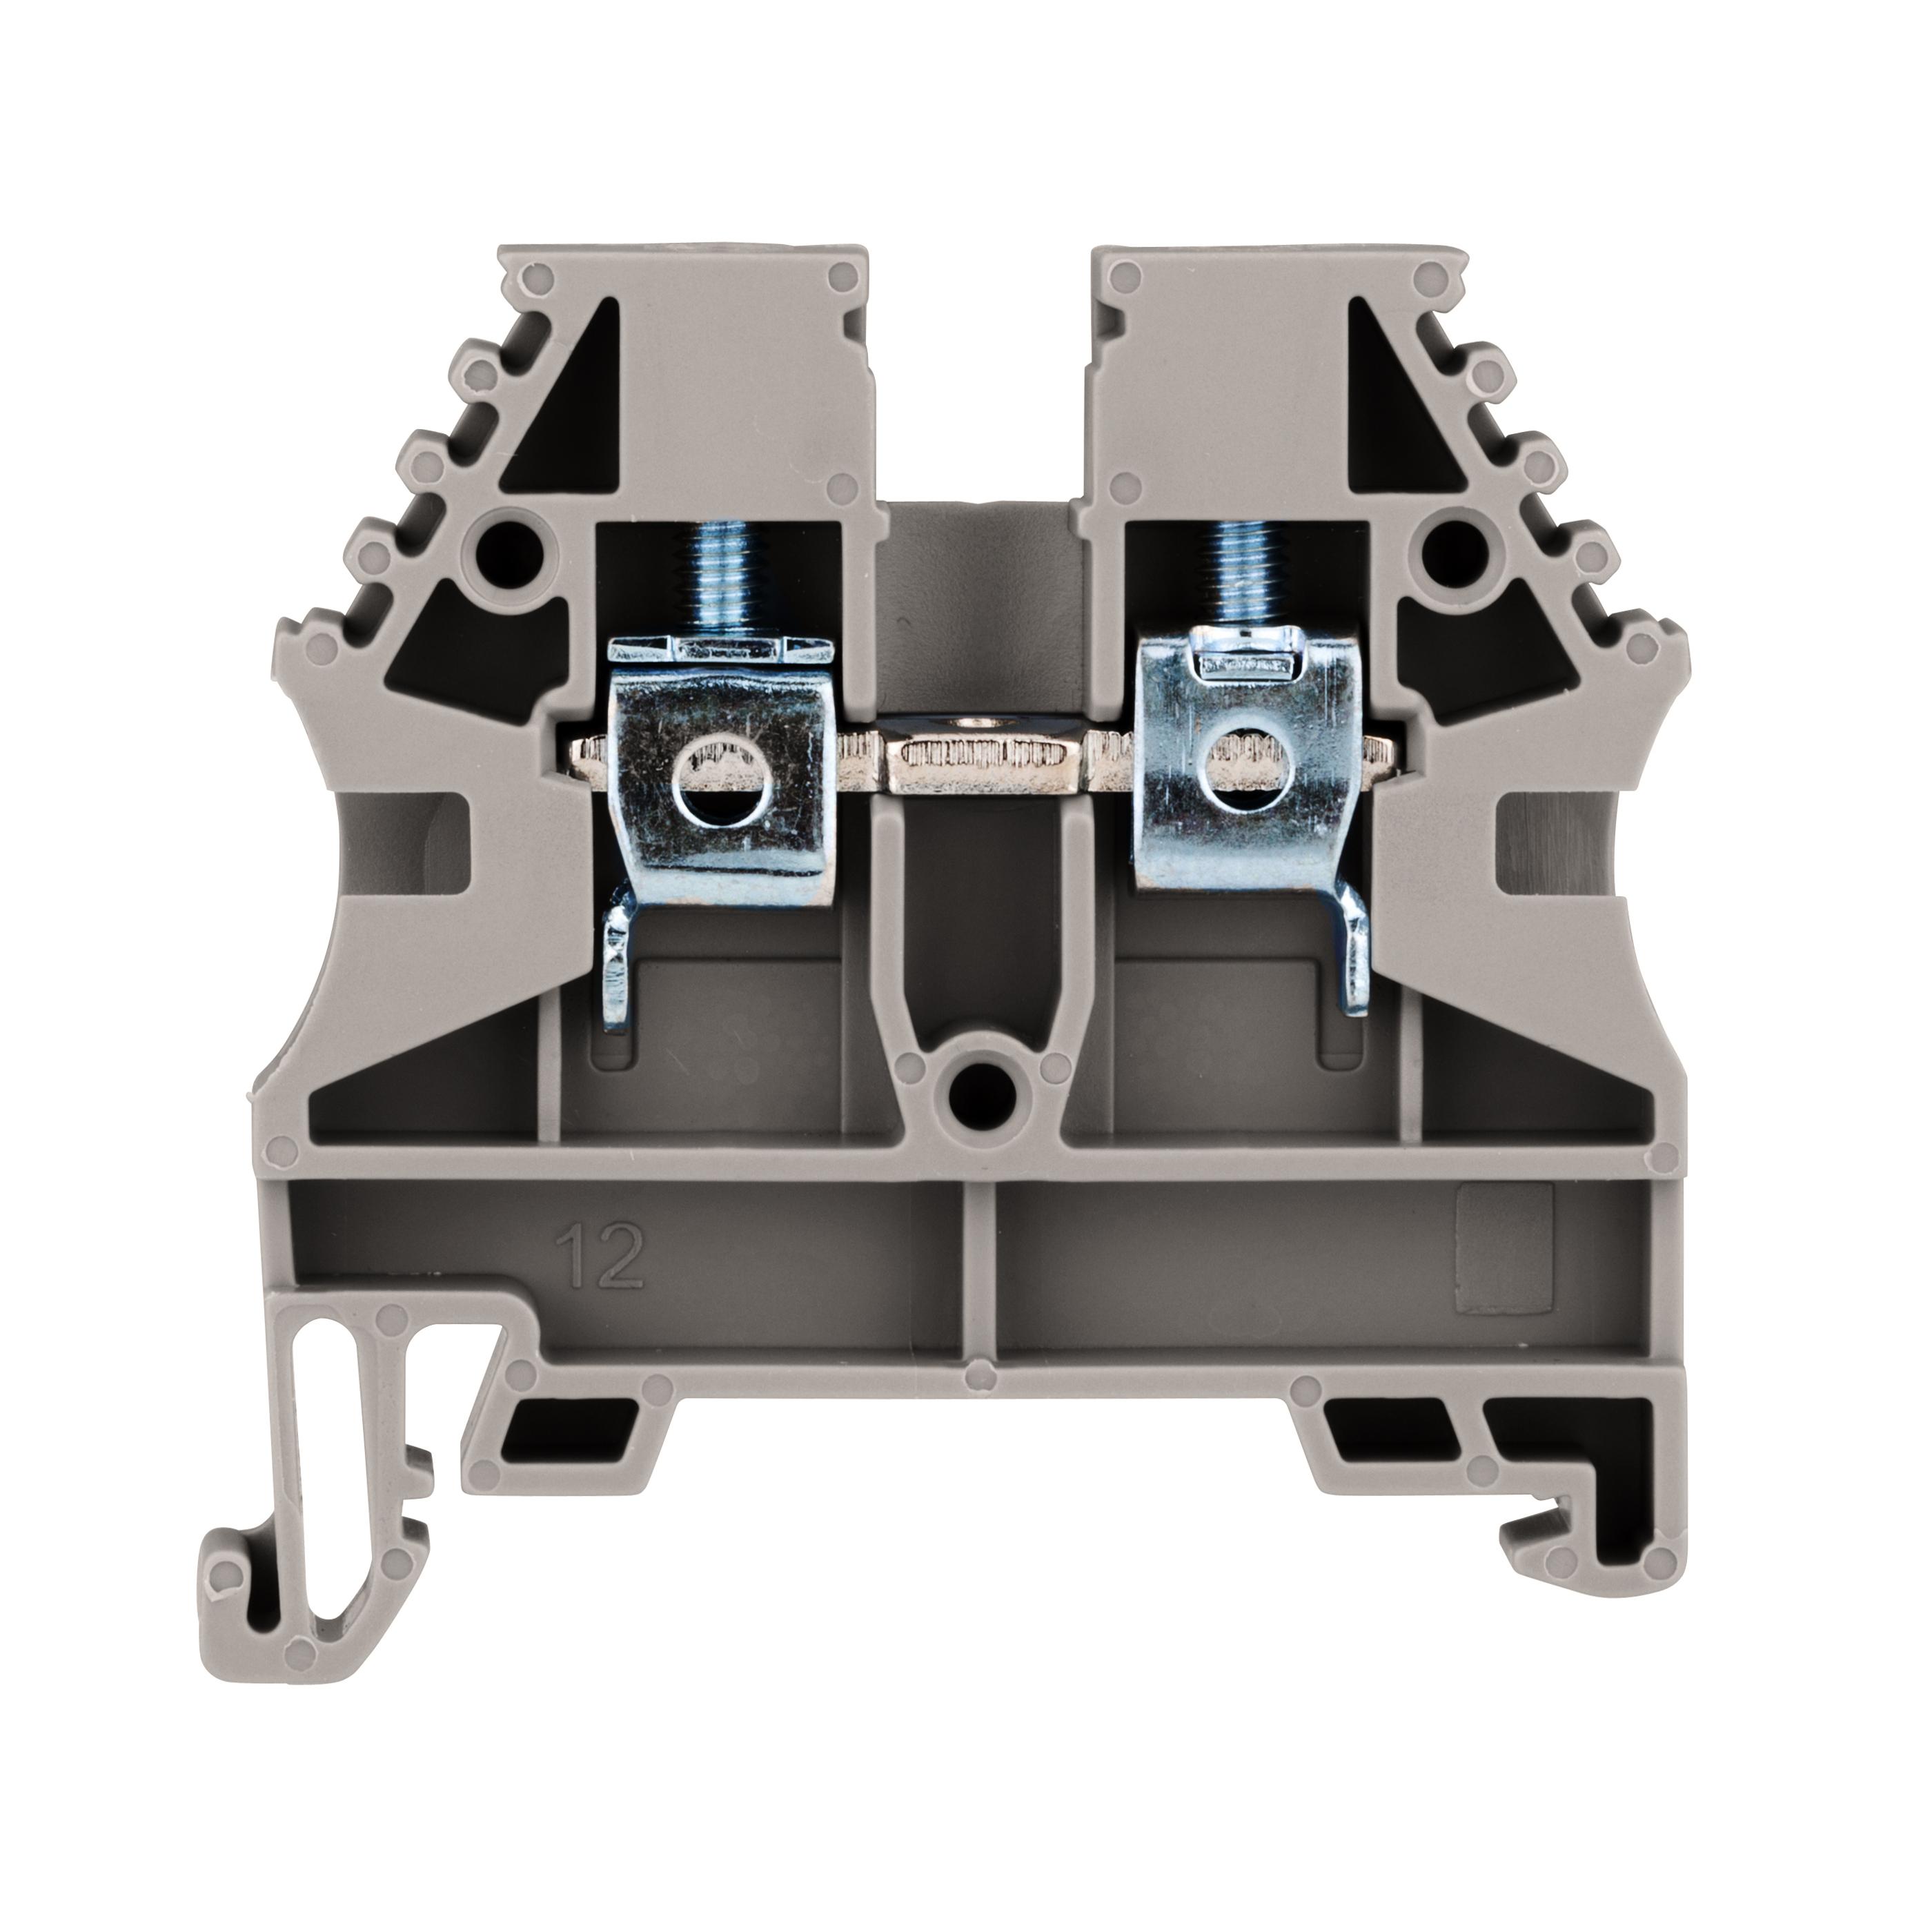 1 Stk Reihenklemme 4mm², Type AVK 4, grau IK600004--